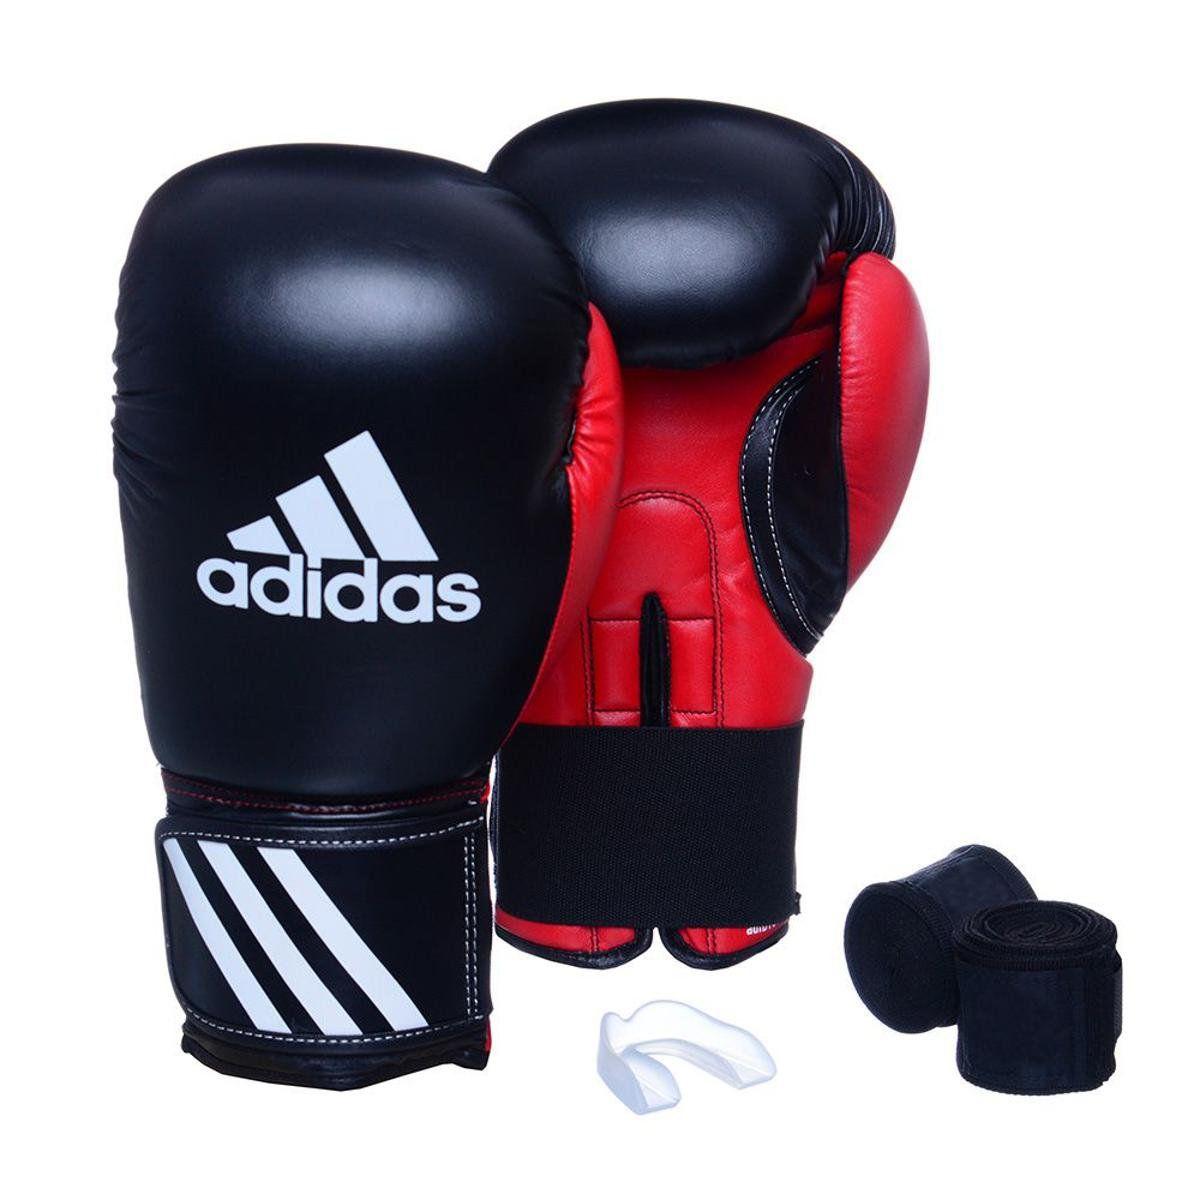 Kit Luvas Boxe / Muay Thai - Adidas Response - Preta / Verm - 10/12/14 OZ